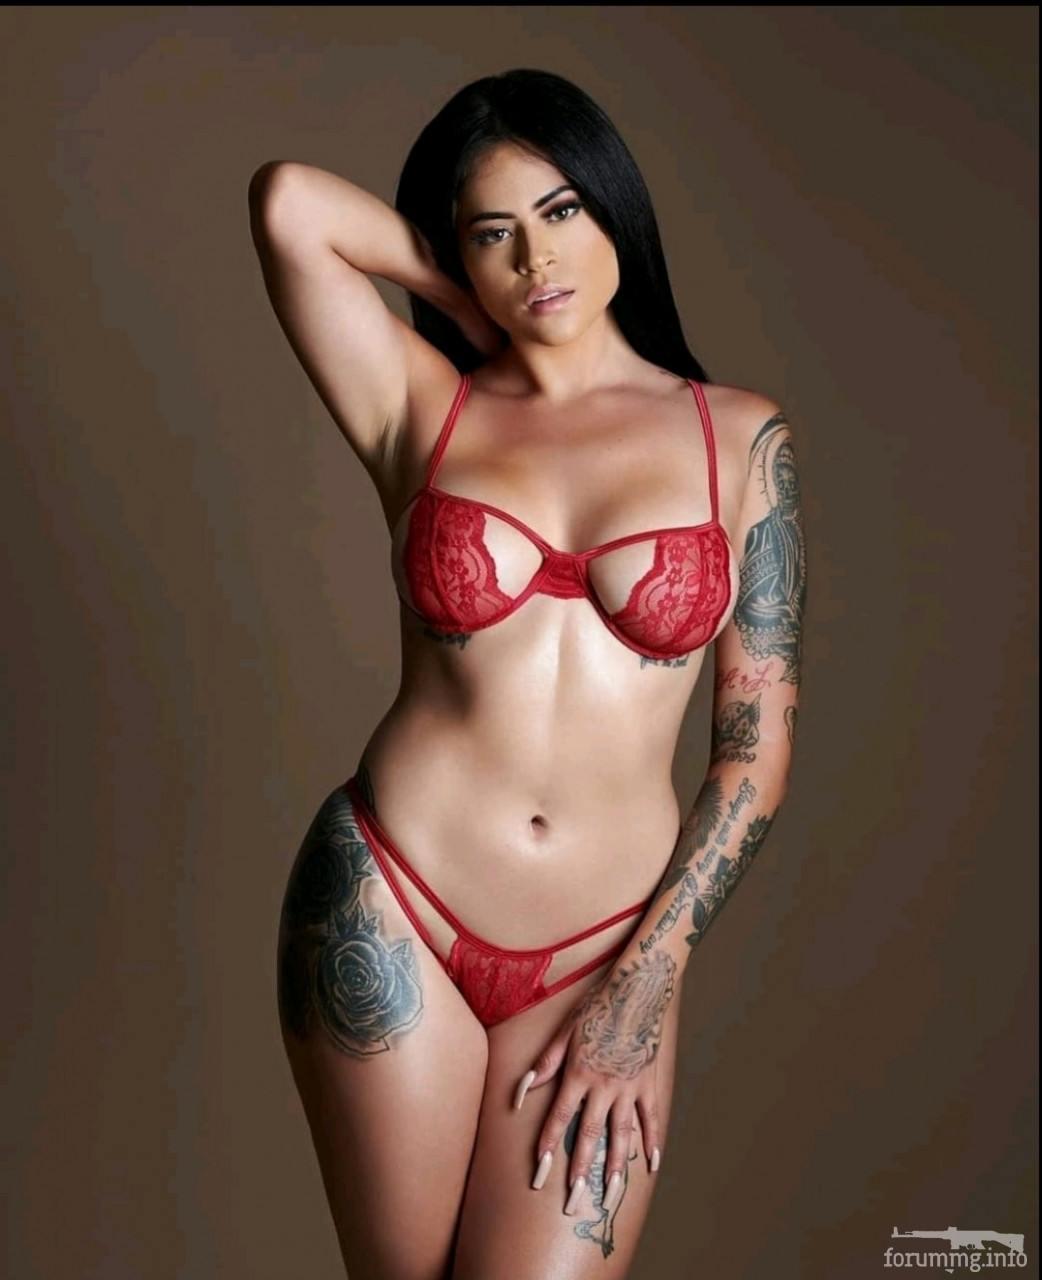 135060 - Татуировки